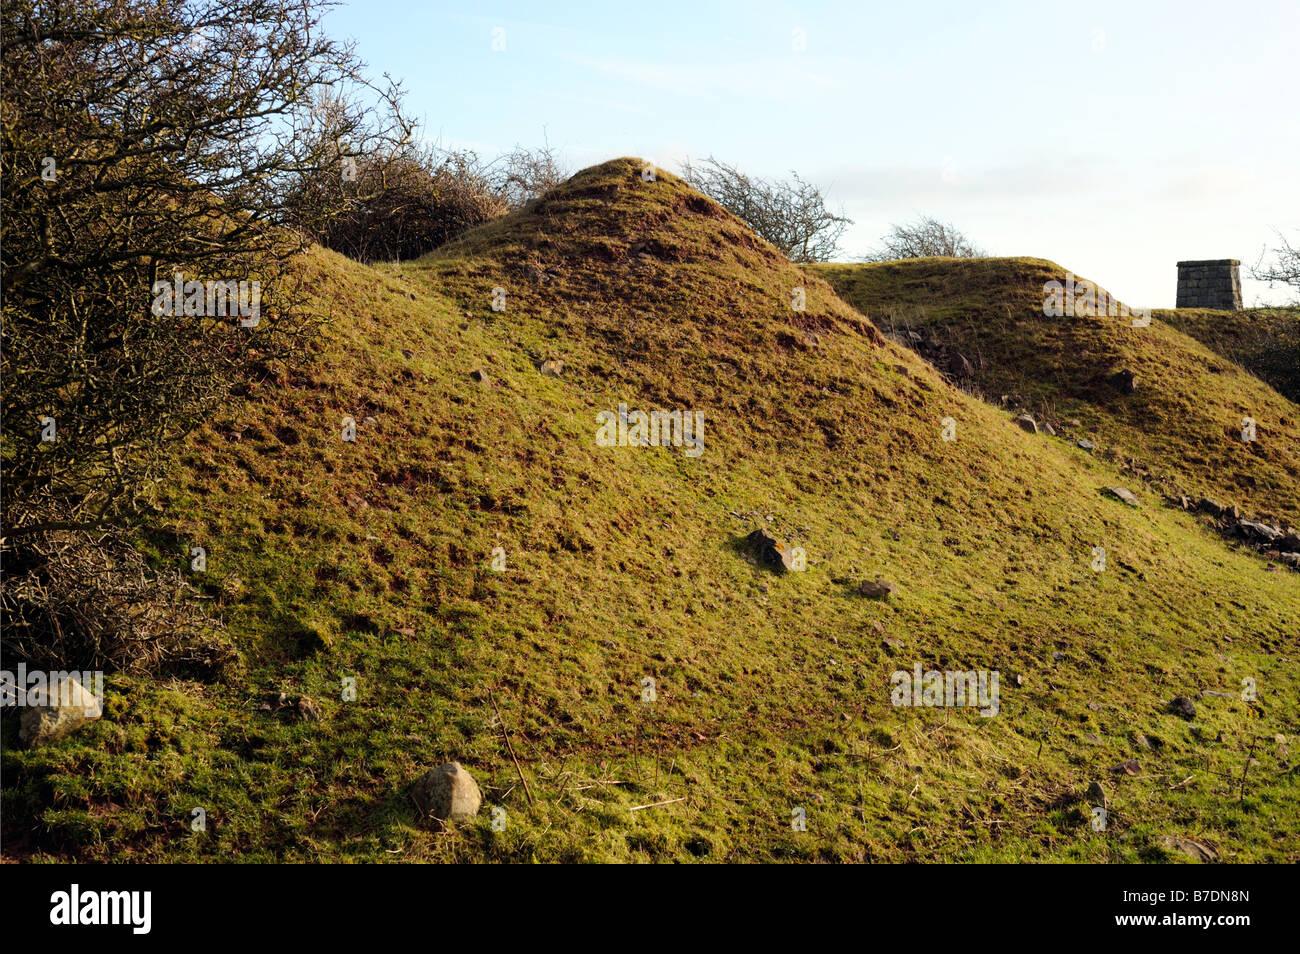 Eisenerz verderben Haufen. LINDAL-in-Furness, Cumbria, England, Vereinigtes Königreich, Europa. Stockbild